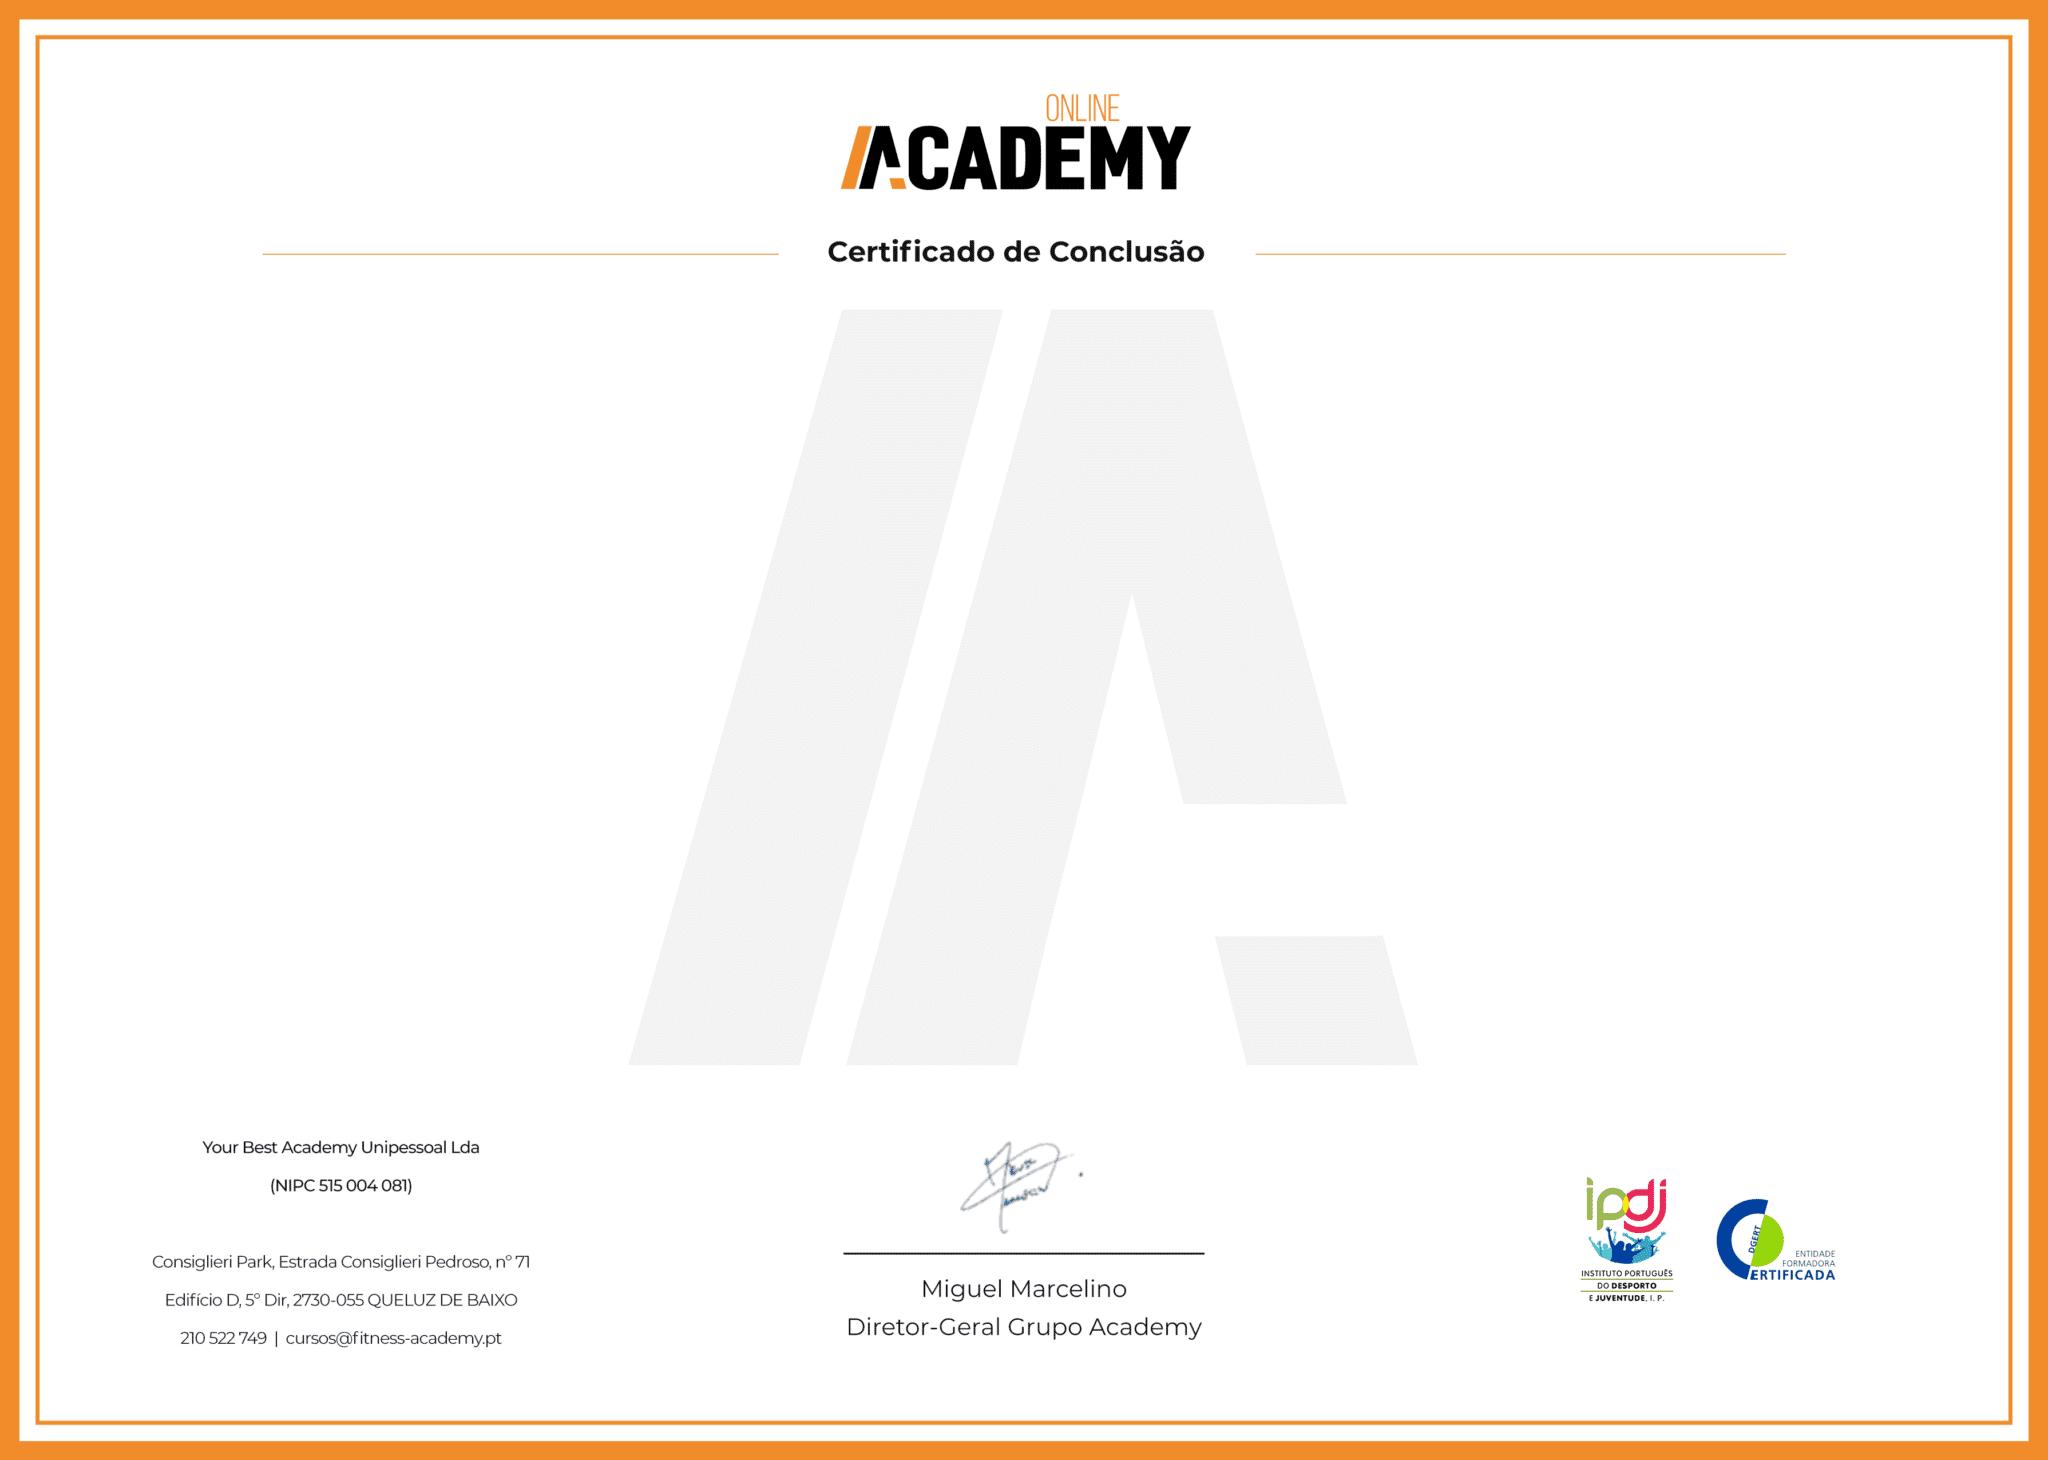 Visual Certificado Online Academy